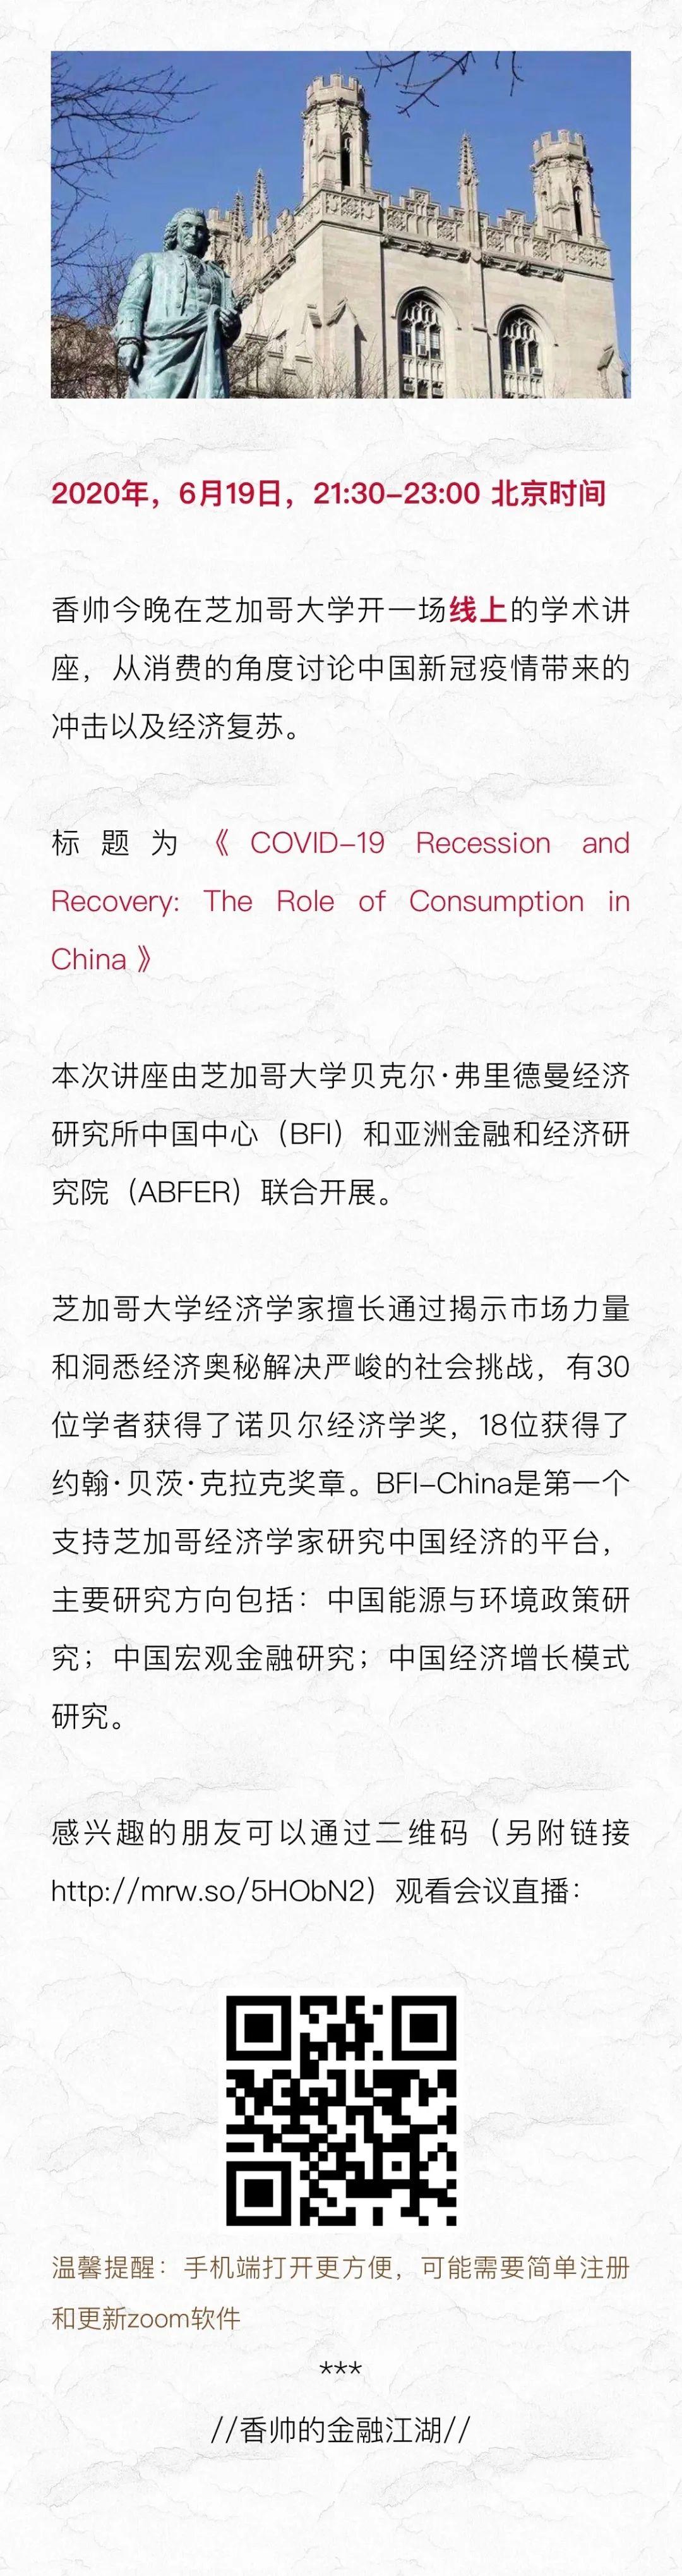 芝加哥大学研讨会 | COVID-19 Recession and Recovery in China